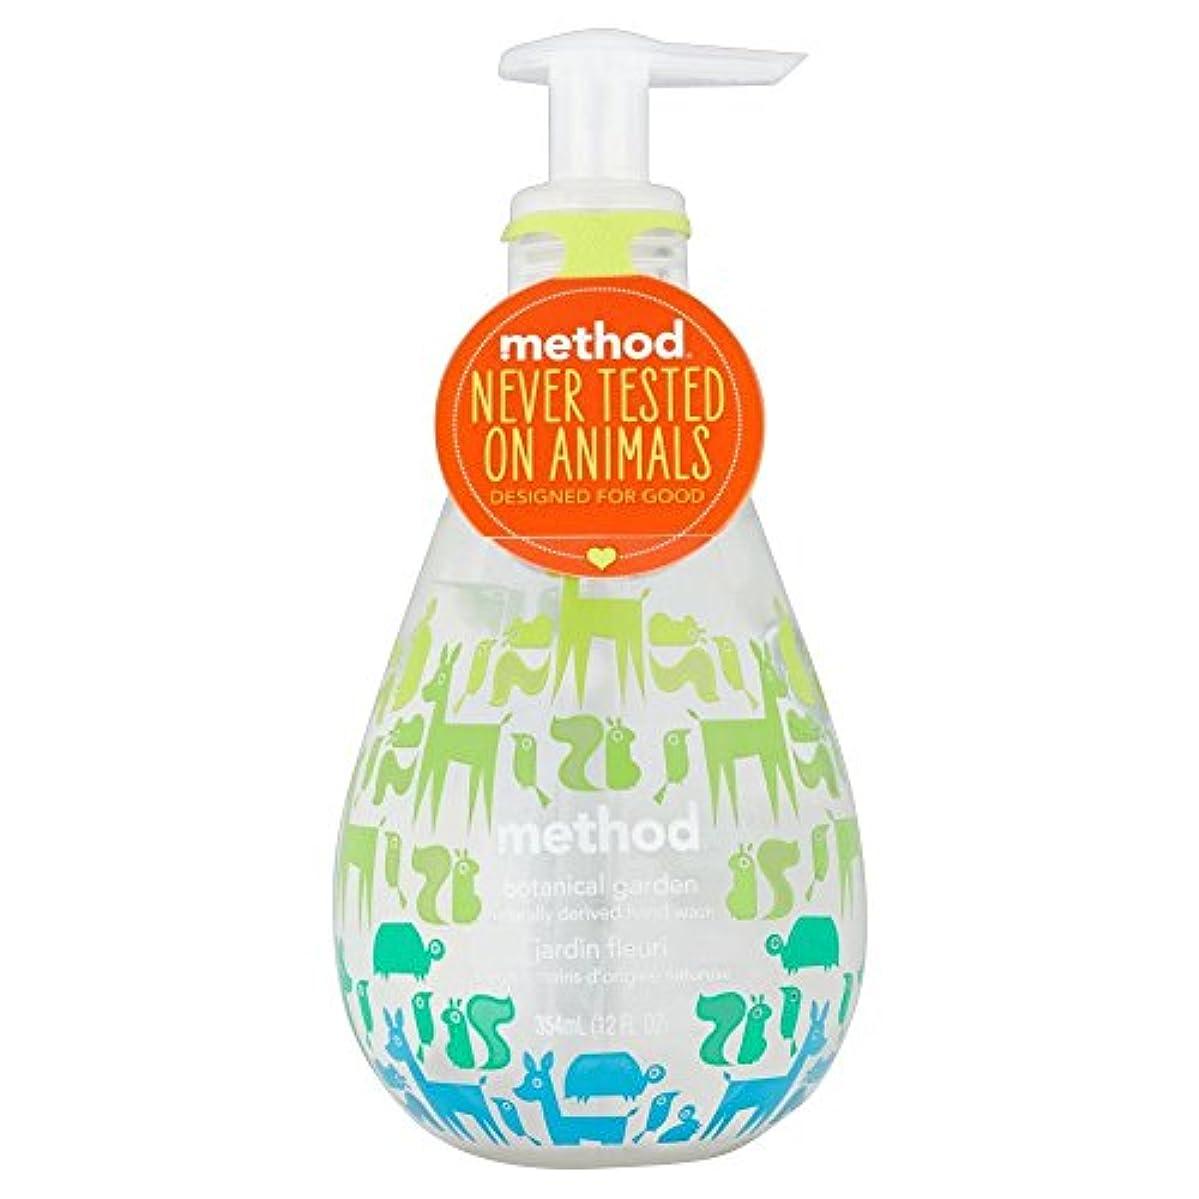 ユーザー鹿アリMethod Hand Wash - Botanical Garden (354ml) メソッドハンドウォッシュ - 植物園( 354ミリリットル) [並行輸入品]